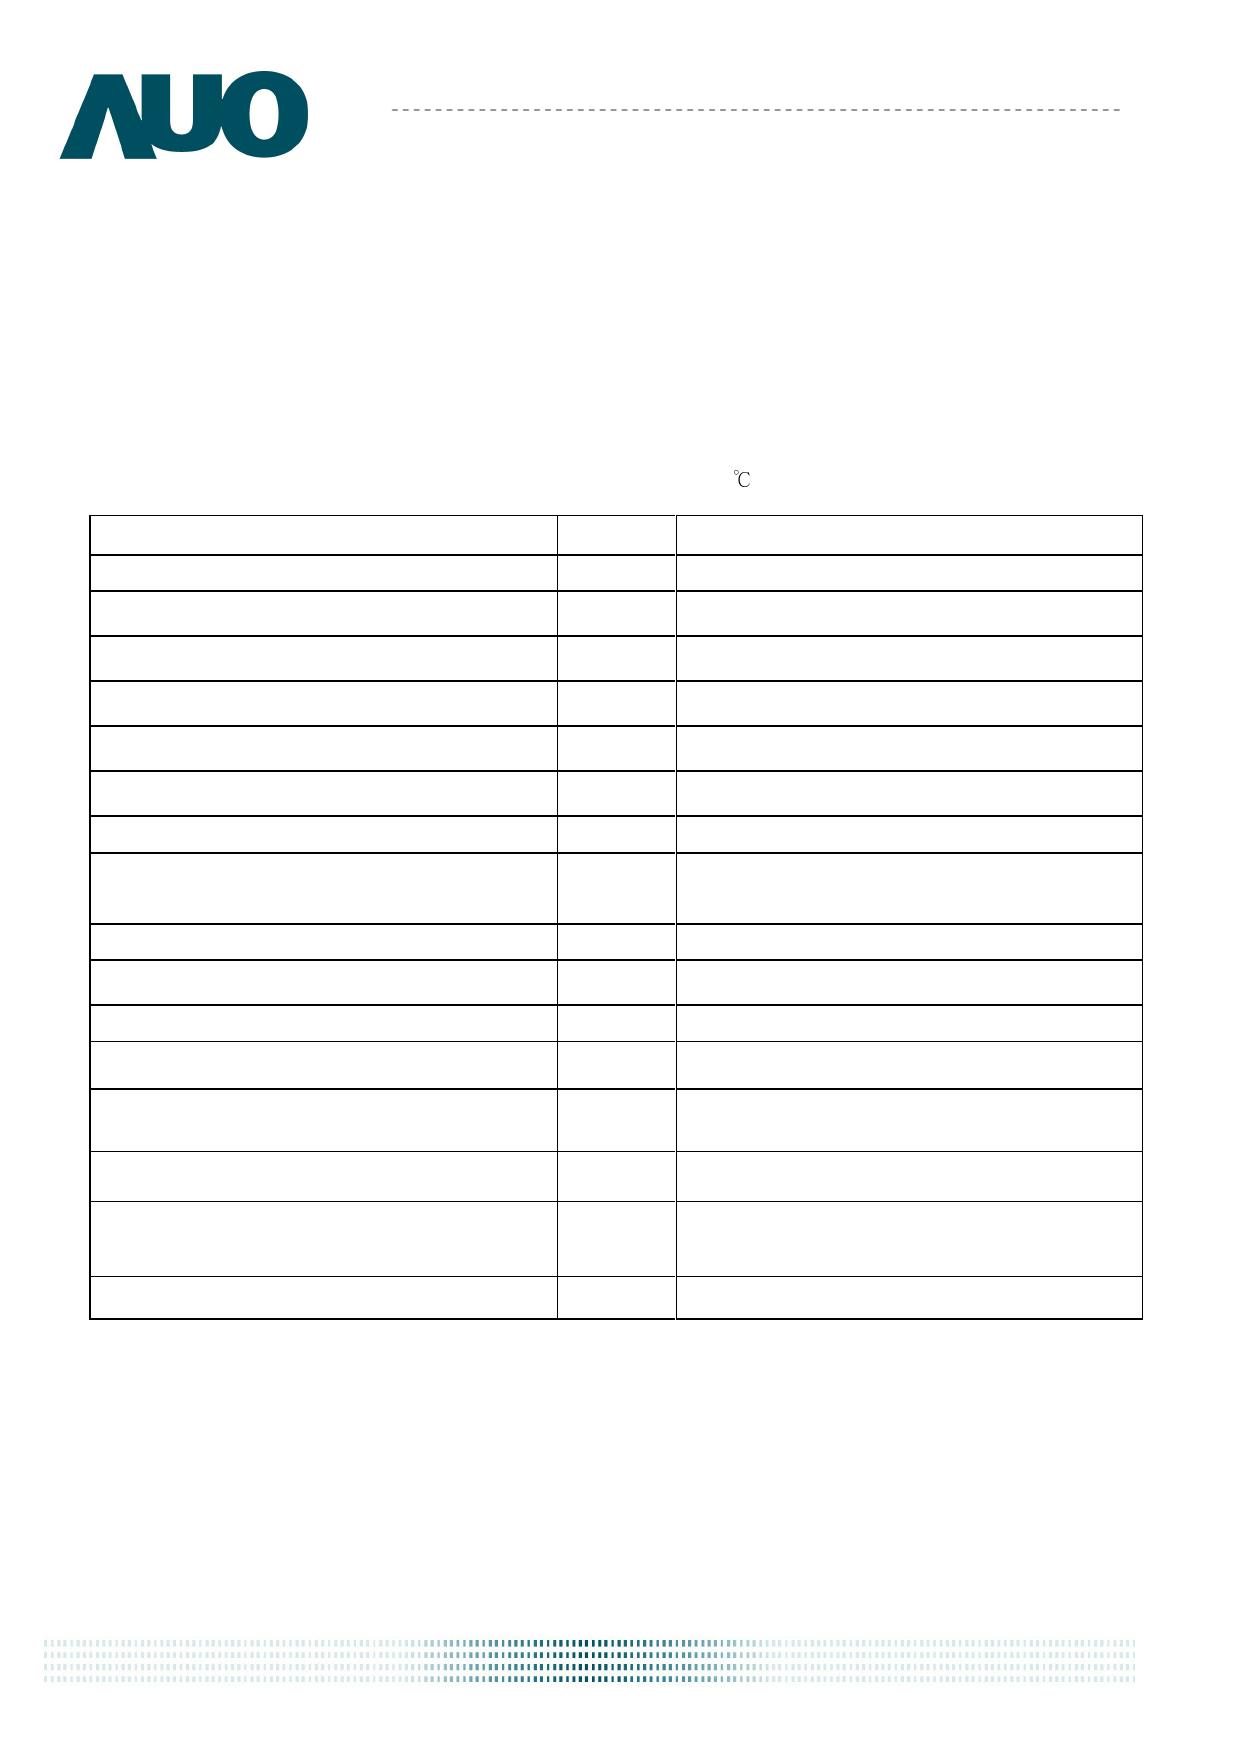 G065VN01-V2 pdf